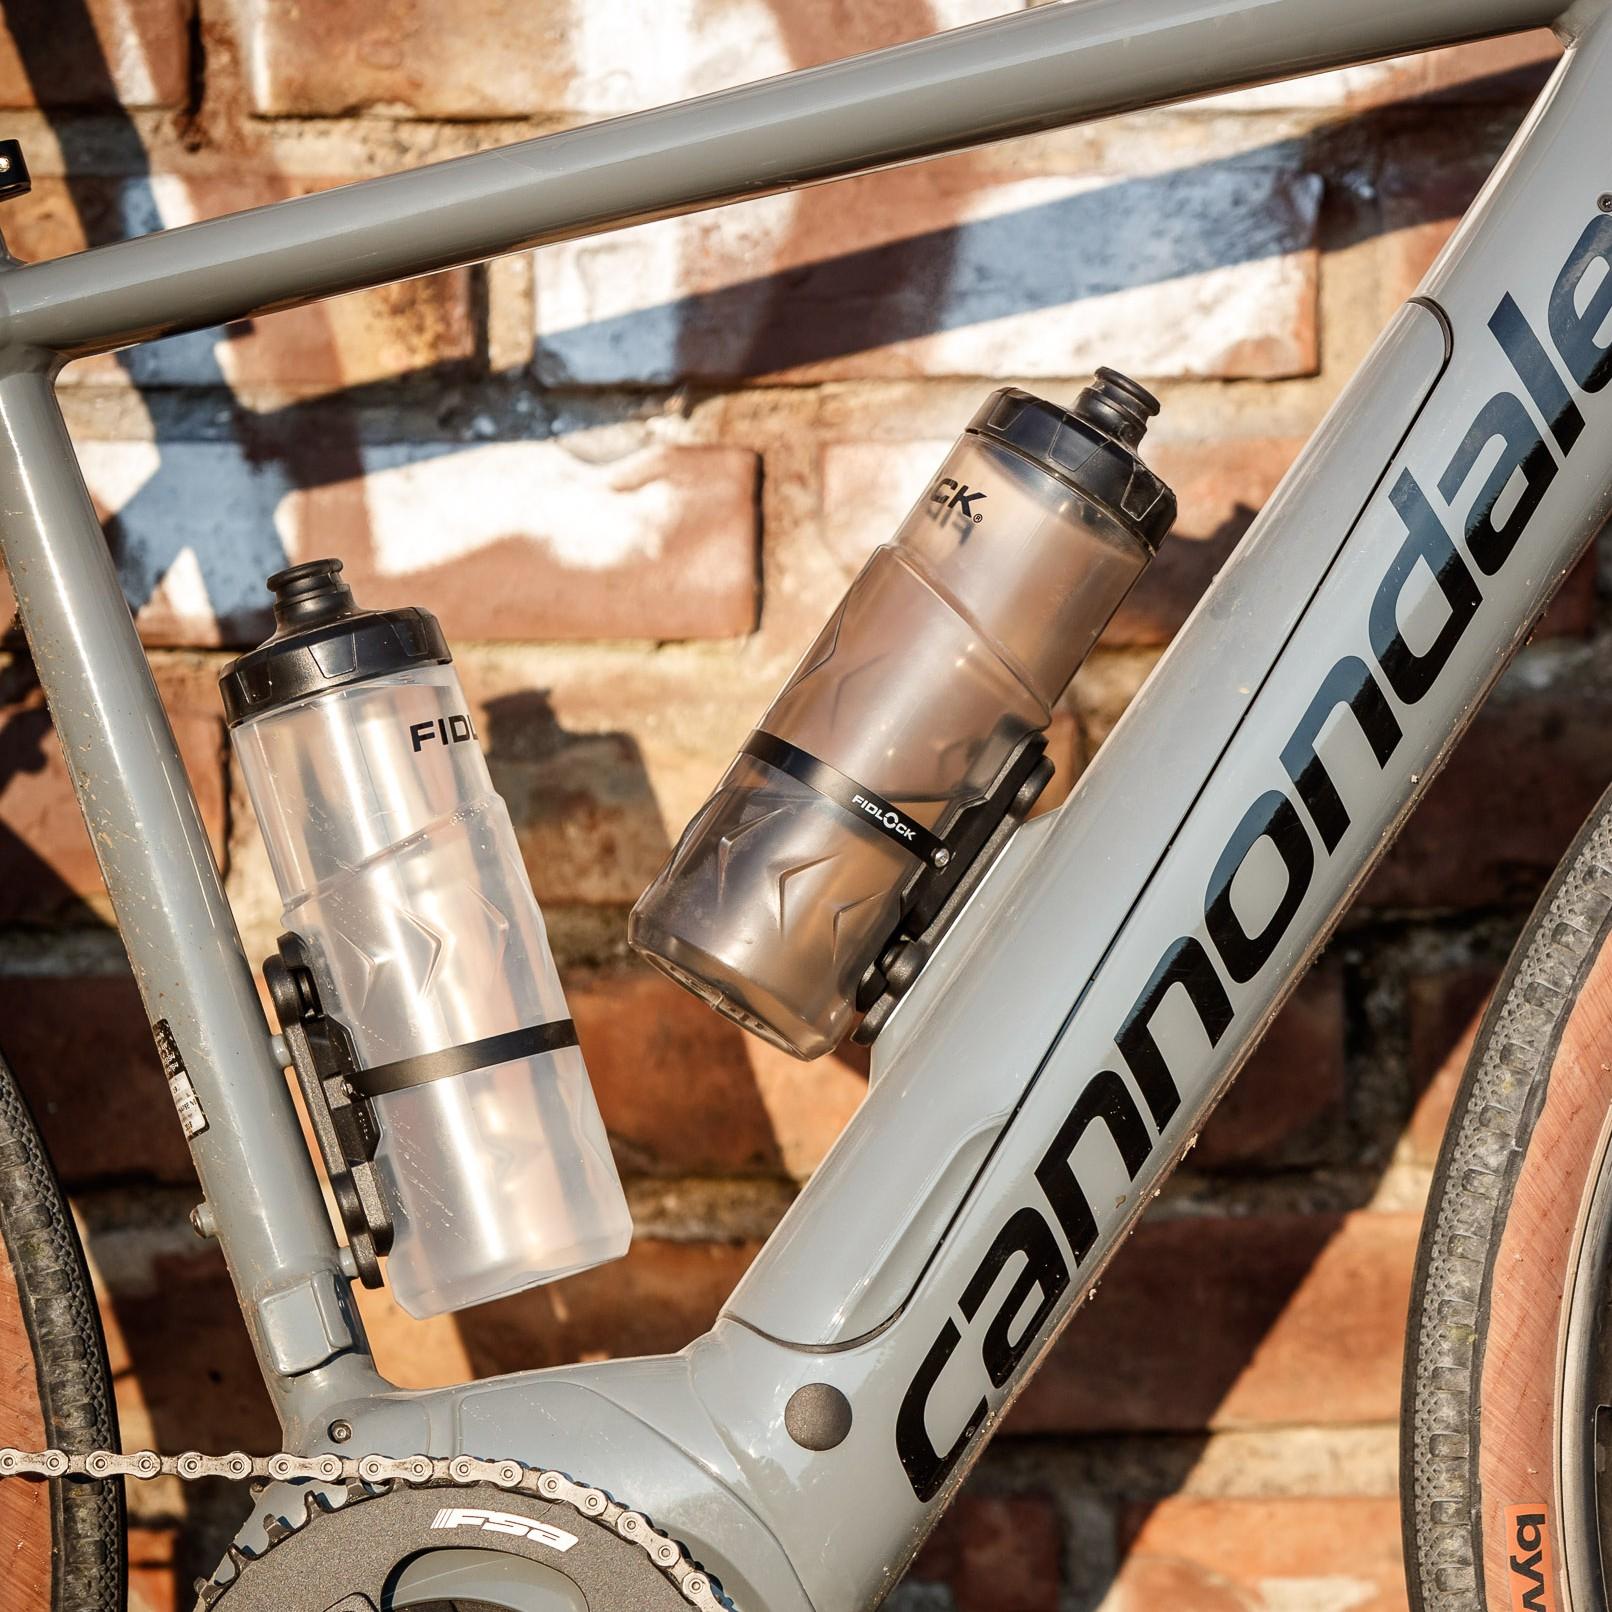 """#1 Magnetischer Flaschenhalter mit 600 ml Trinkflasche """"Bottle Twist inkl. Gravity Kit"""" von Fidlock. Das Haltemodul am Fahrrad ist unauffällig und mit lediglich 16 Gramm sehr leicht."""